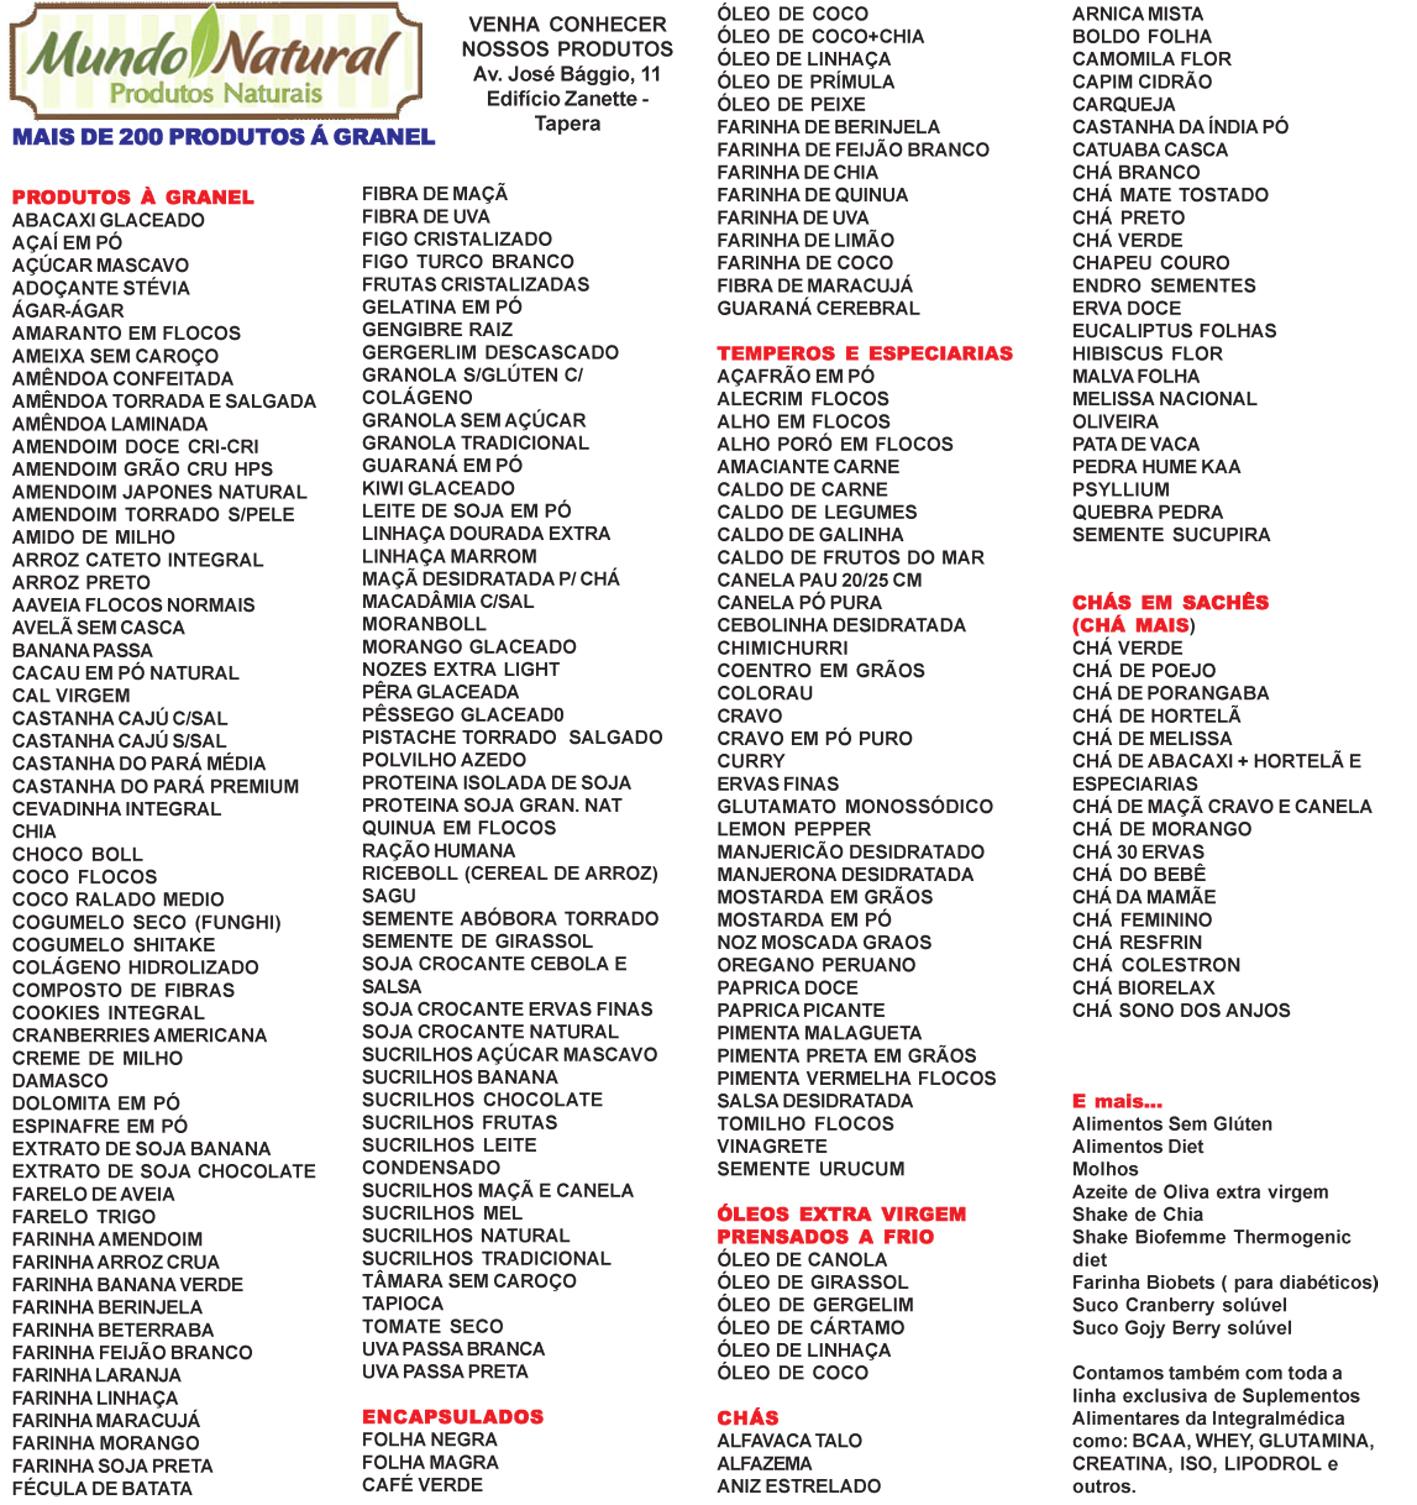 Prefer Ncia Cha De Casa Nova Lista De Presentes Sj47 Ivango